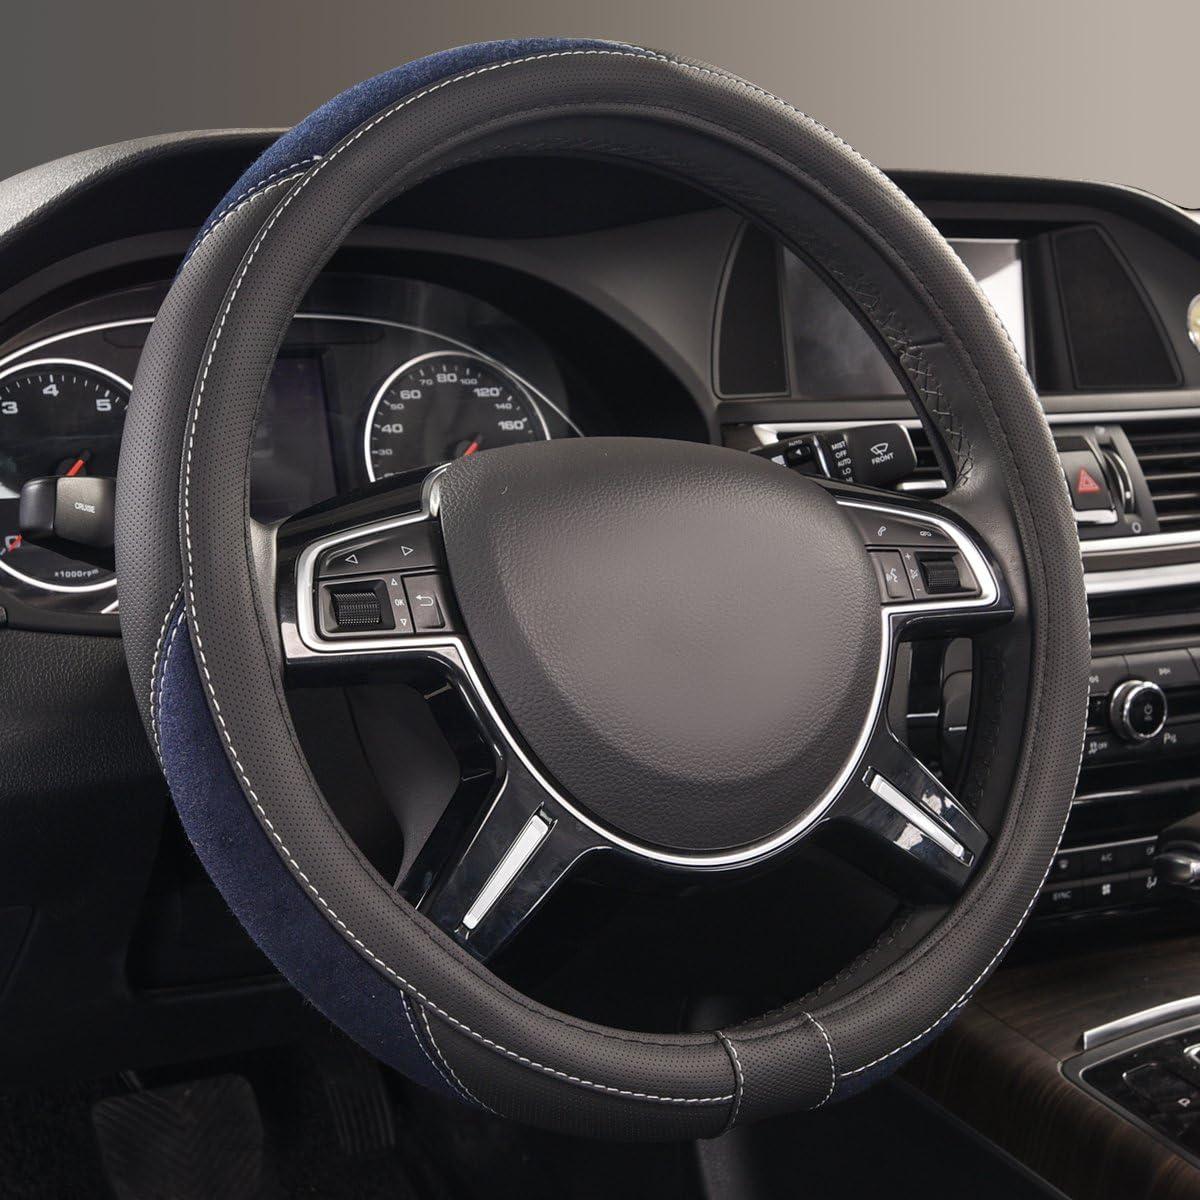 15 CAR PASS Universal cuero Microfibra Suave Funda para Volante Cubierta del Volante del Coche Universal Di/ámetro 38cm